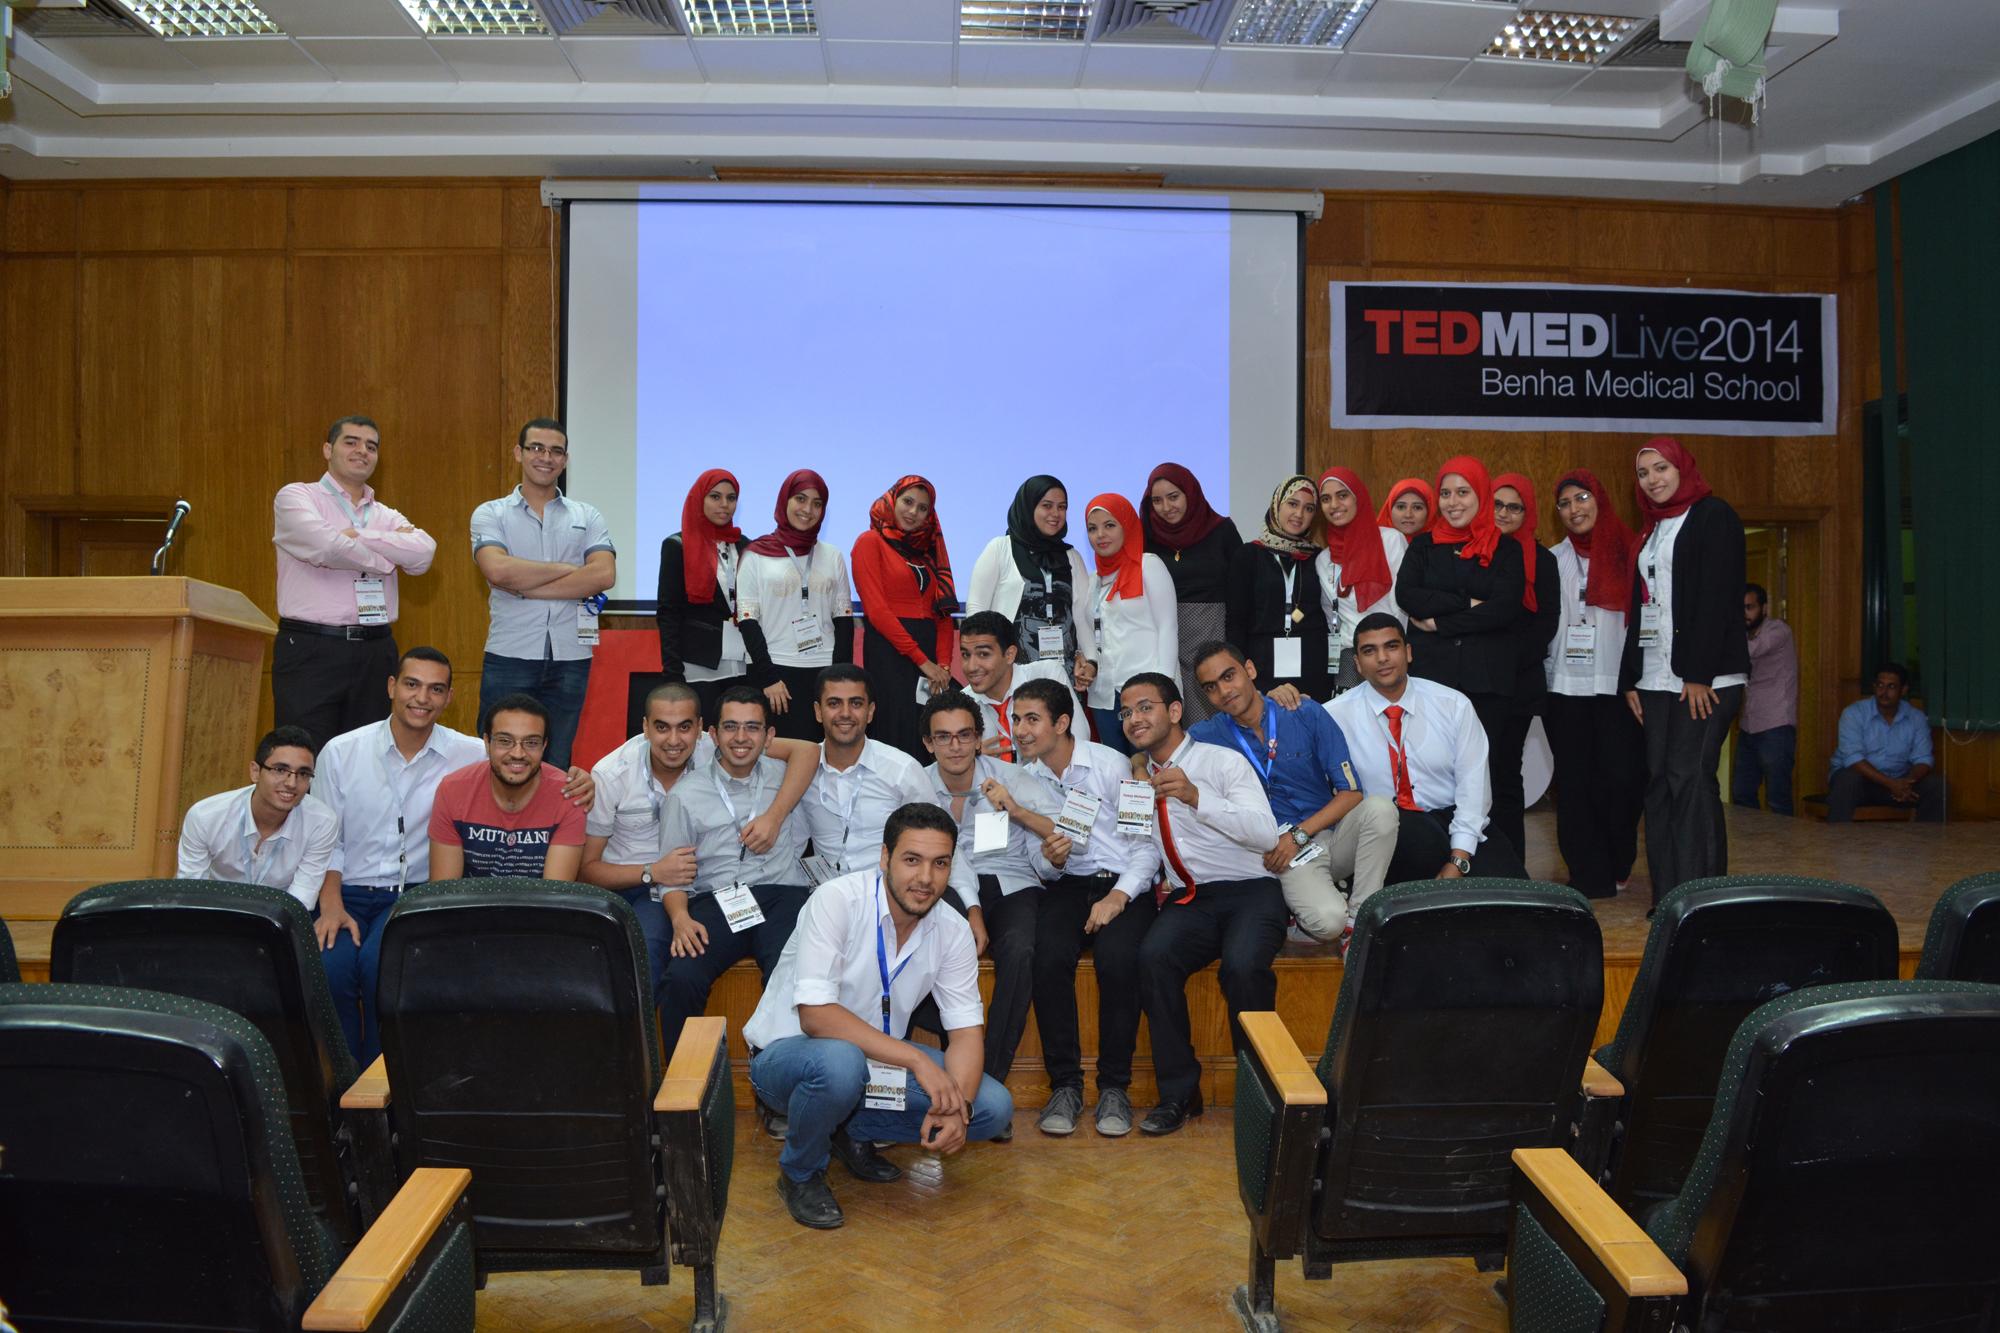 فاعليات مؤتمر تطوير أنظمة الصحة بالعالم  TEDMED Live Benha medical school